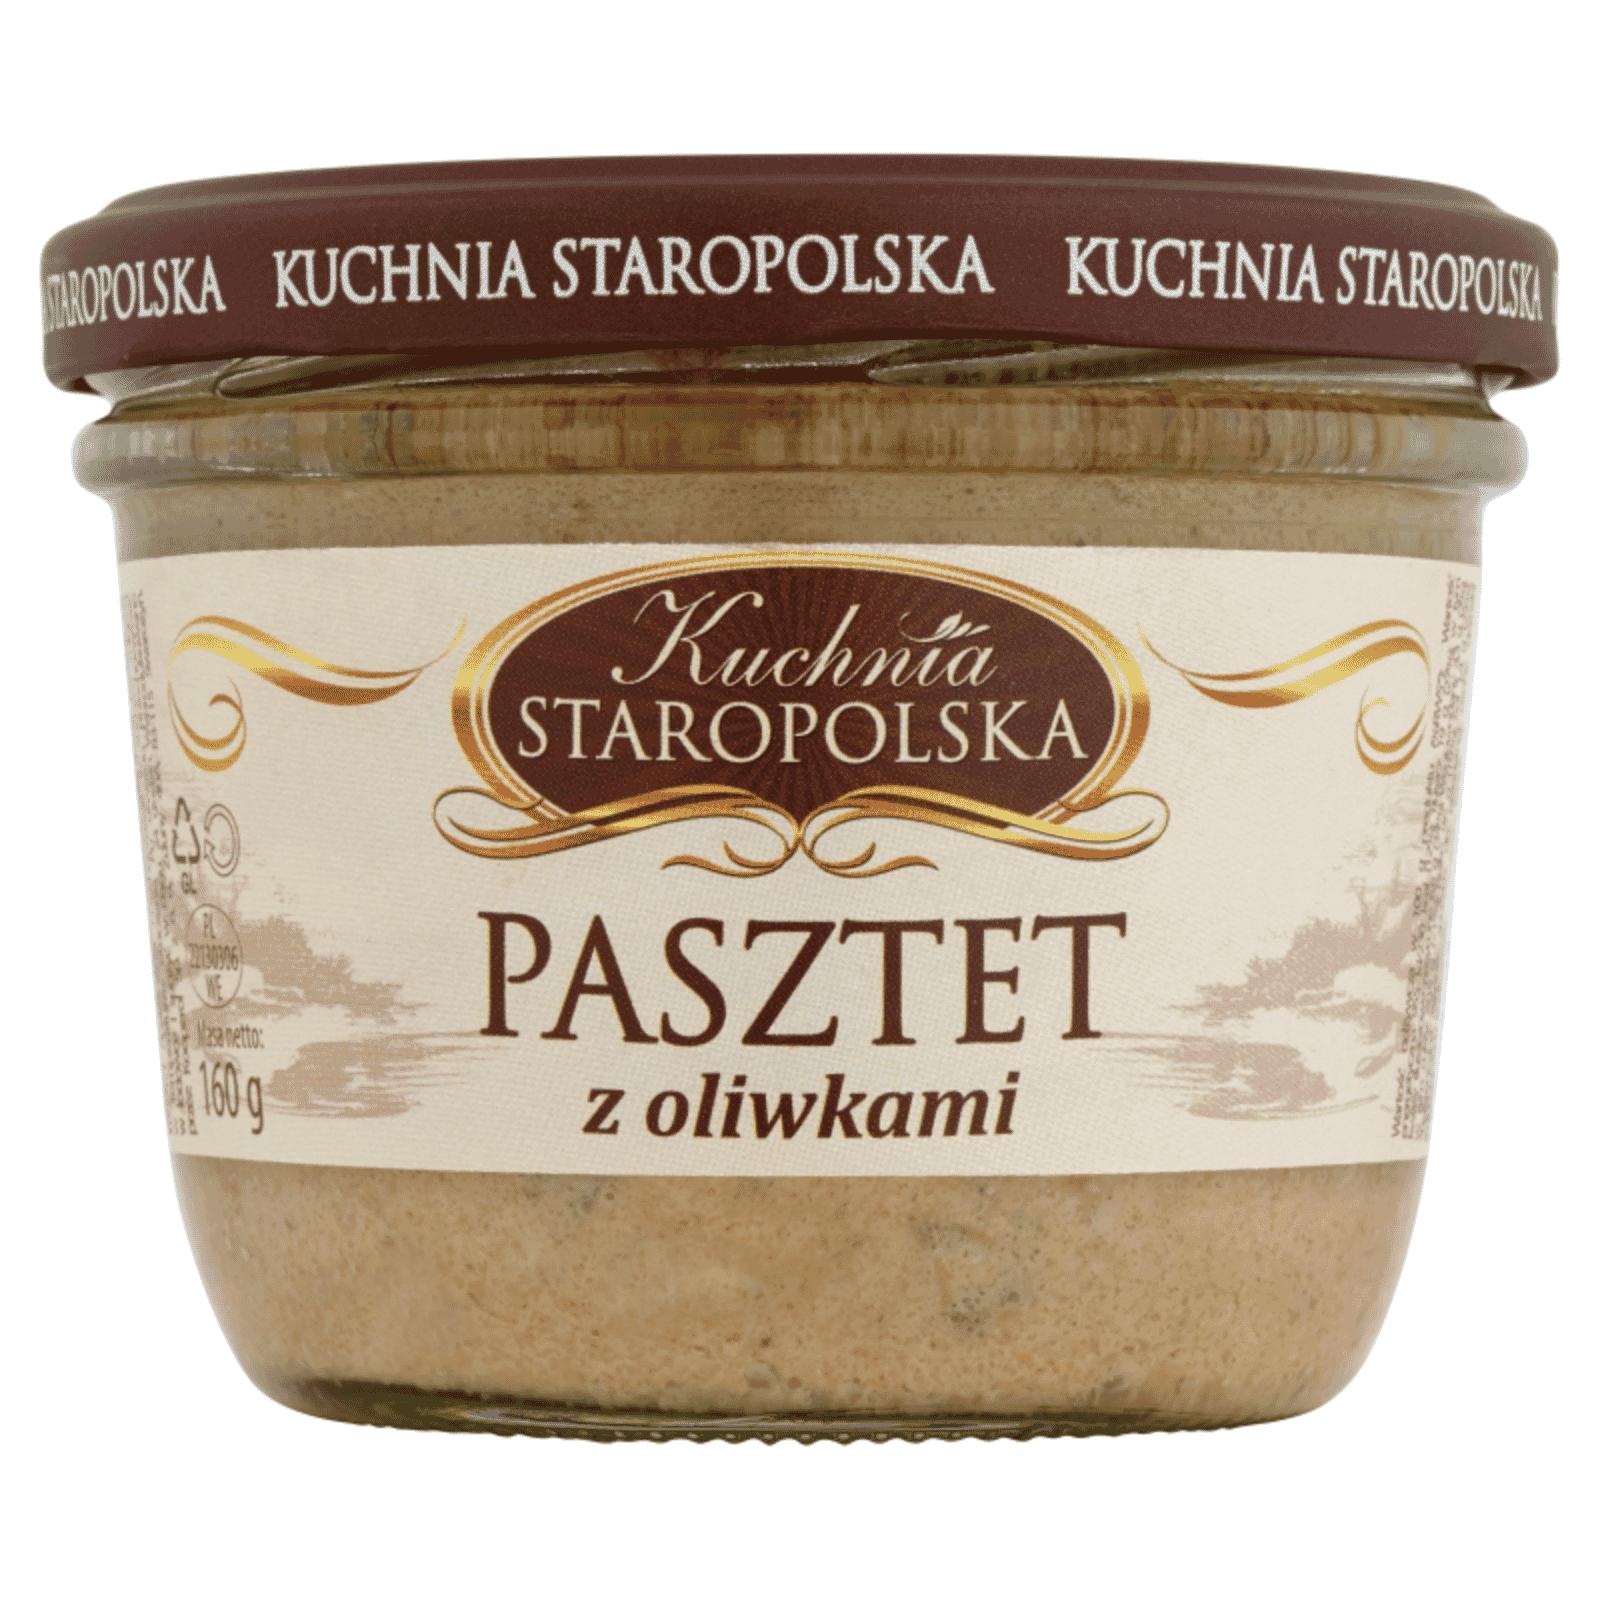 Pate With Olives Kuchnia Staropolska 160g